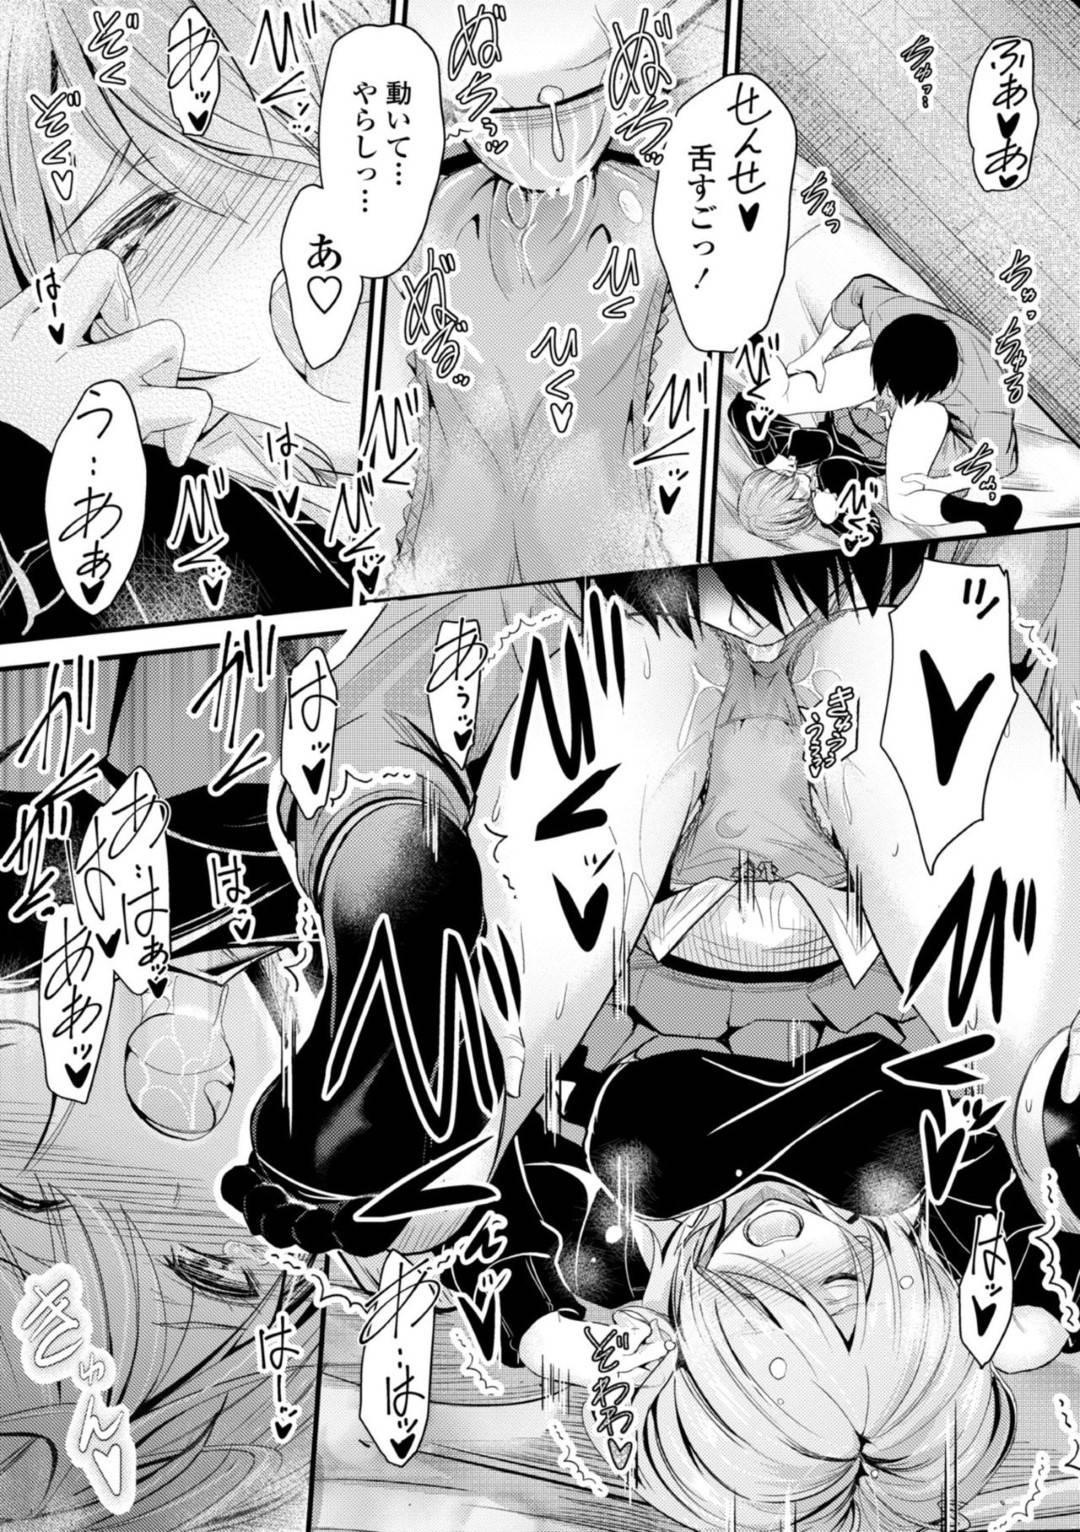 【エロ漫画】想いを抱いている男教師の家に上がり込んではエッチな事を迫るスレンダーJK…彼女は彼にディープキスした後、フェラやクンニで互いを愛撫して正常位やバックでイチャラブセックス!【睦月:居座りstudent8】